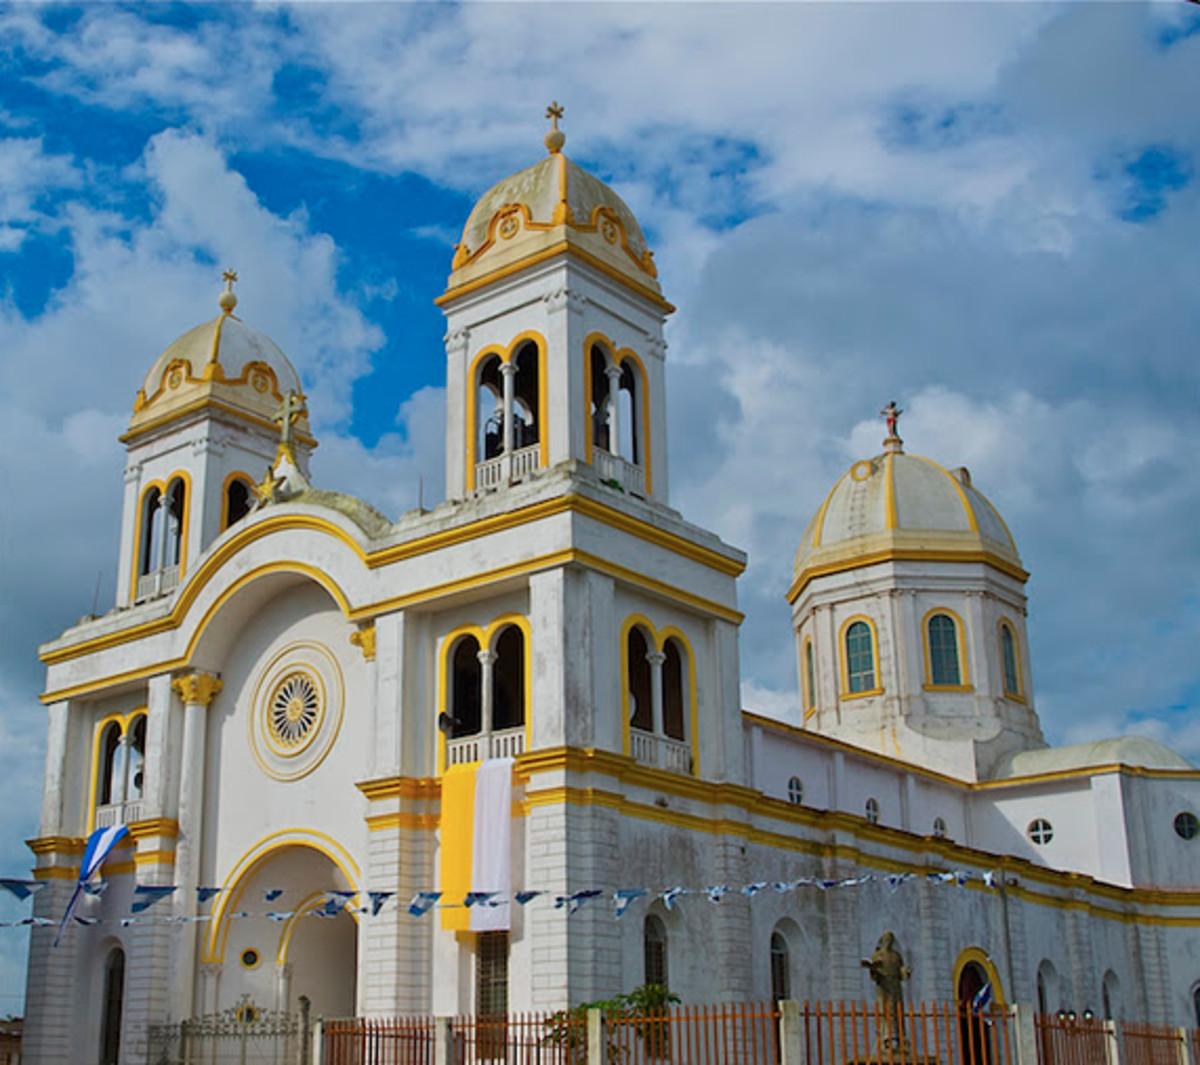 The main church in Diriambga, Nicaragua